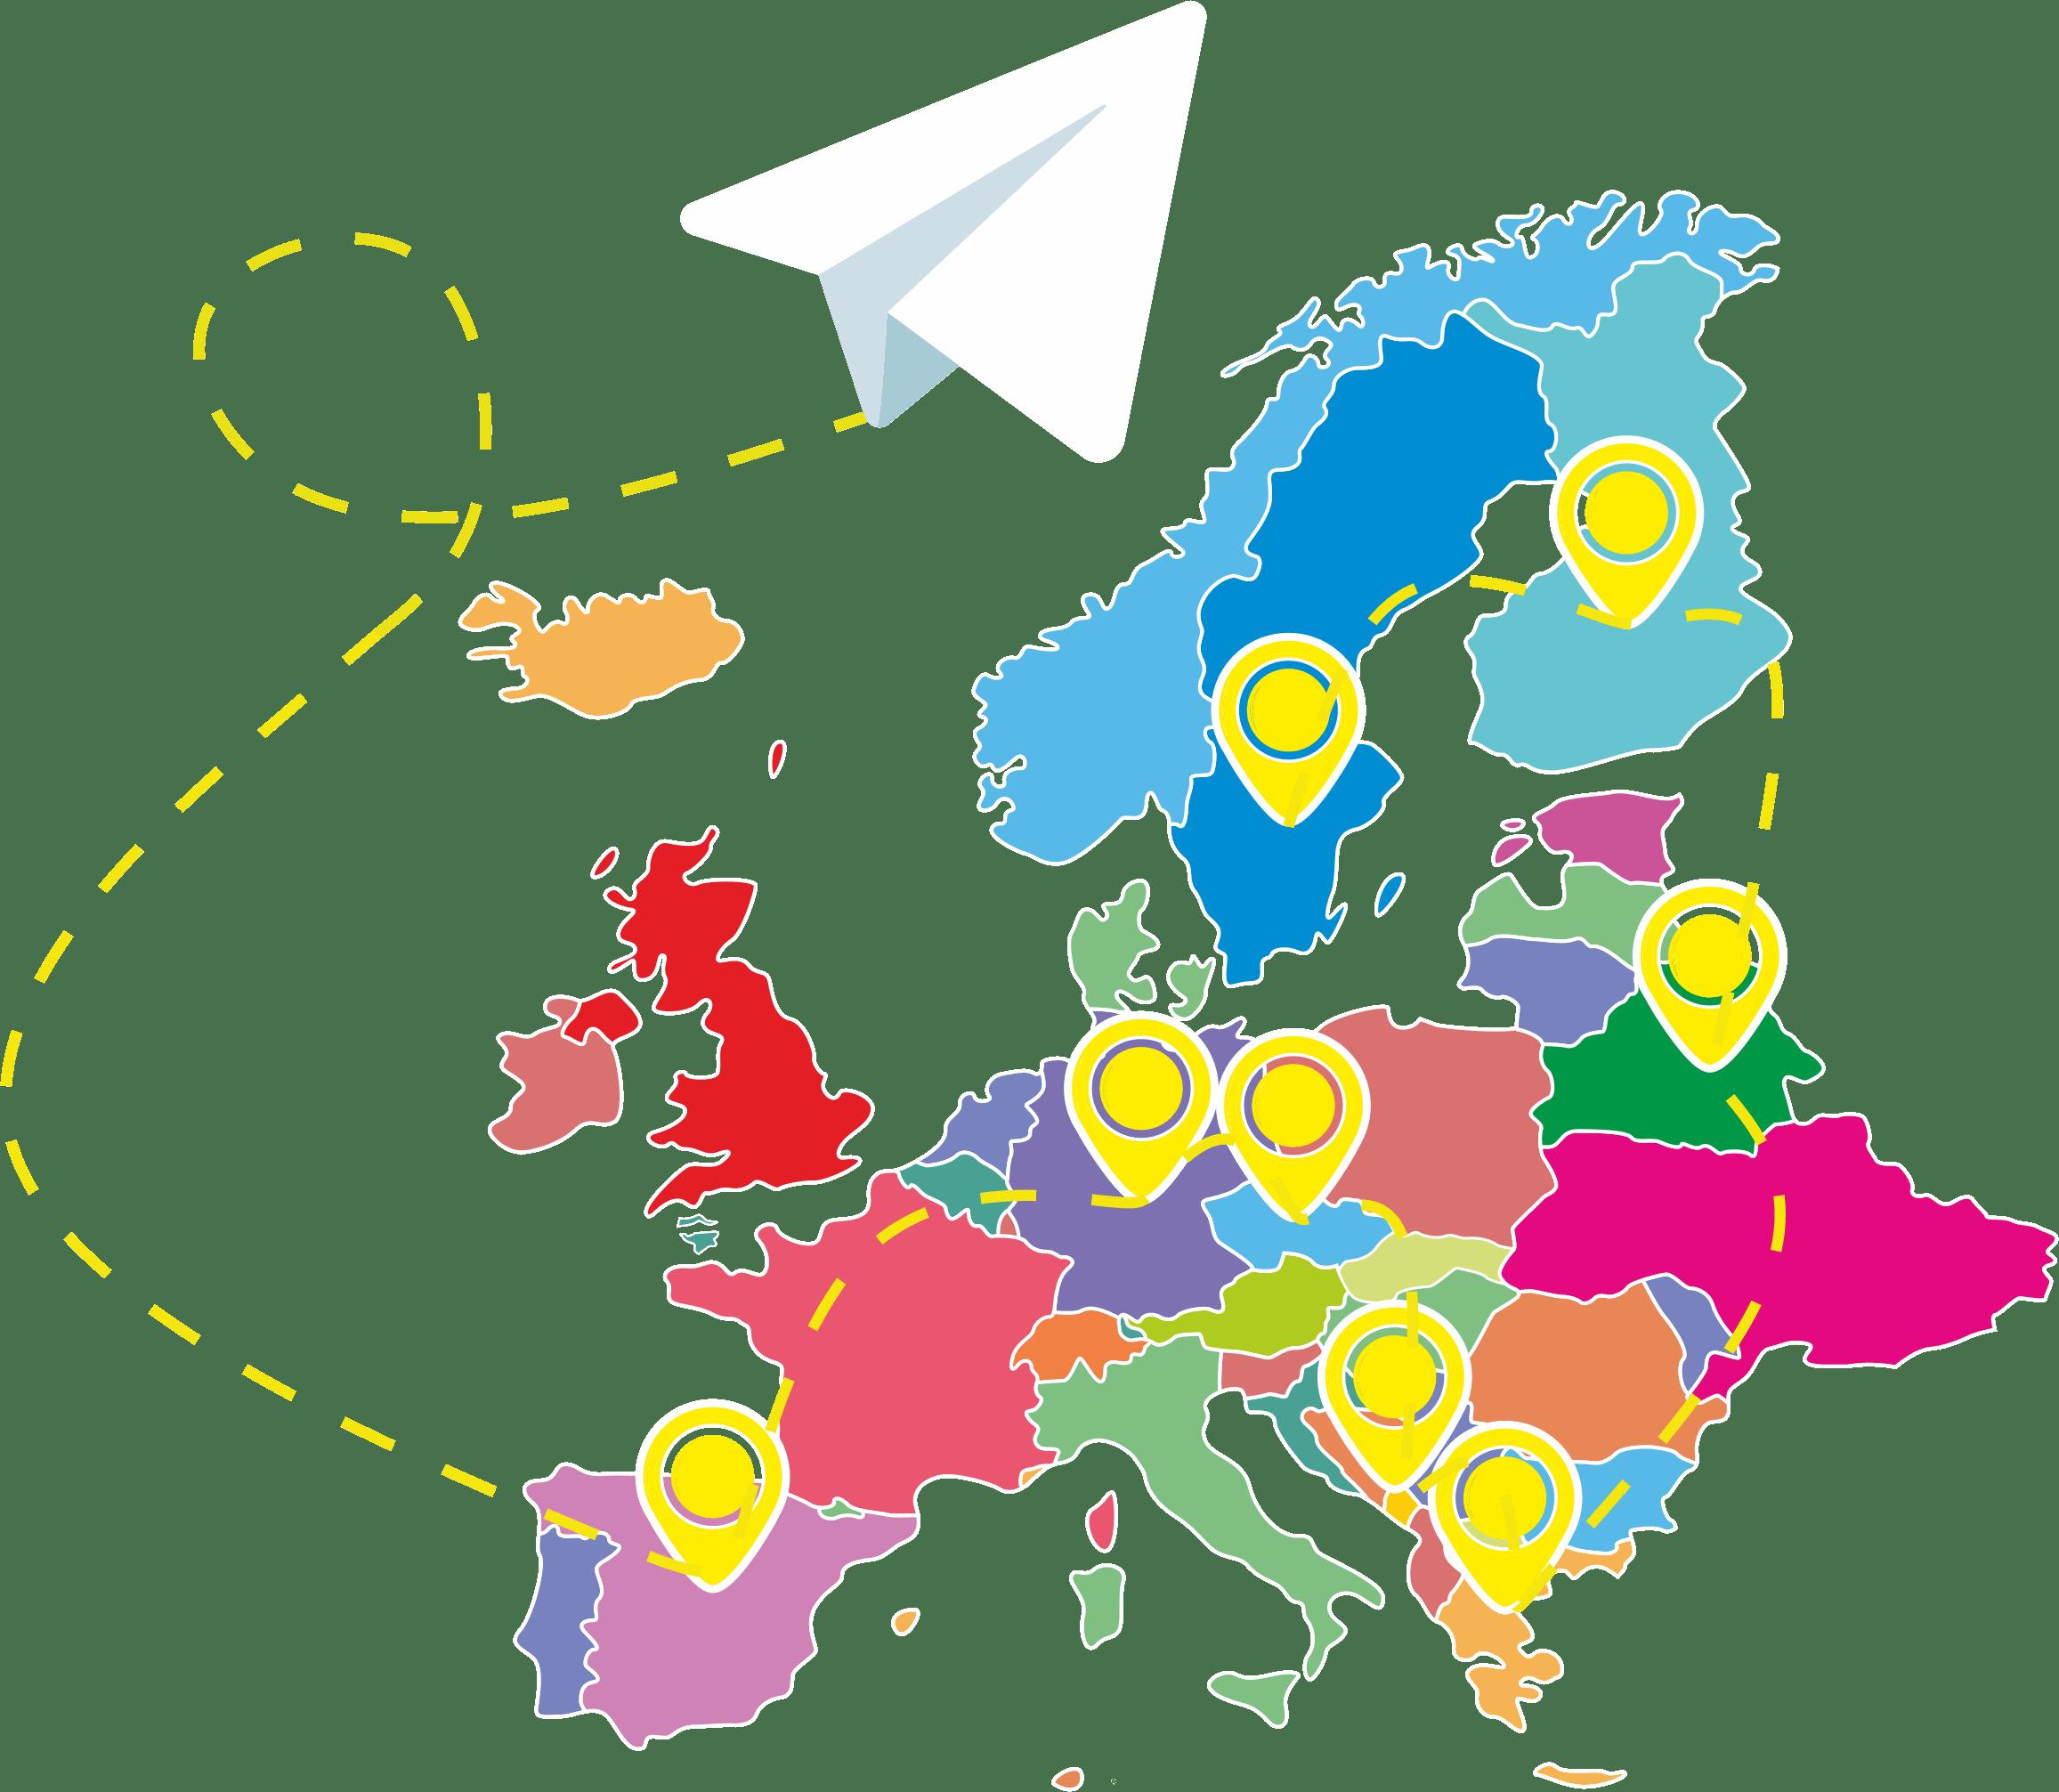 Фестивали и конкурсы в Европе 2020 от организаторов НАВЫСОТЕ